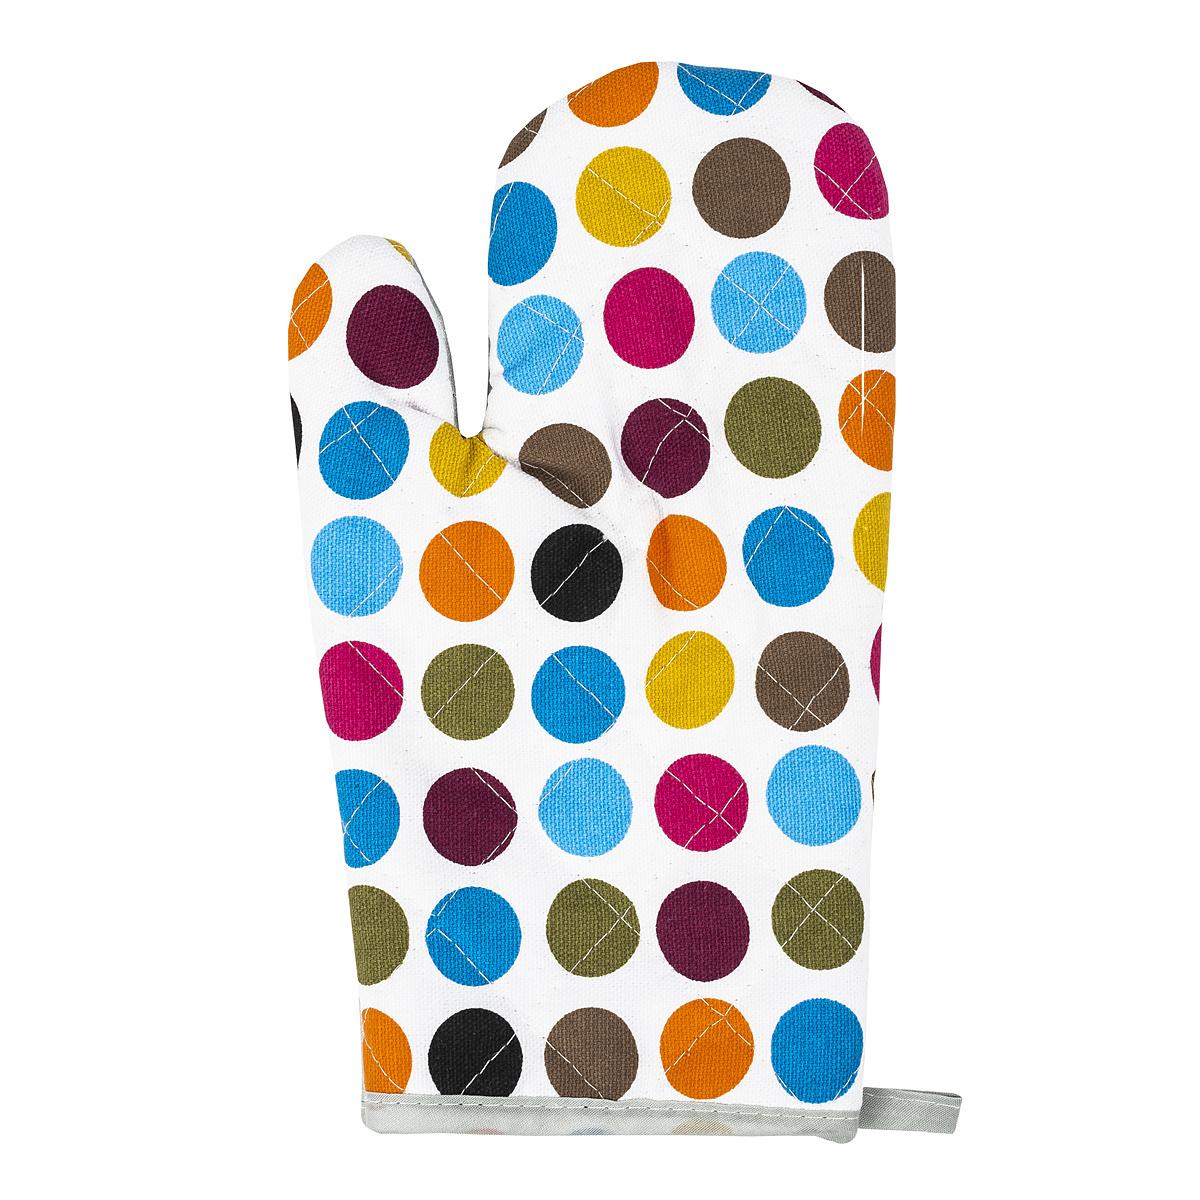 Jahu Chňapka puntík barevná, 28 x 18 cm